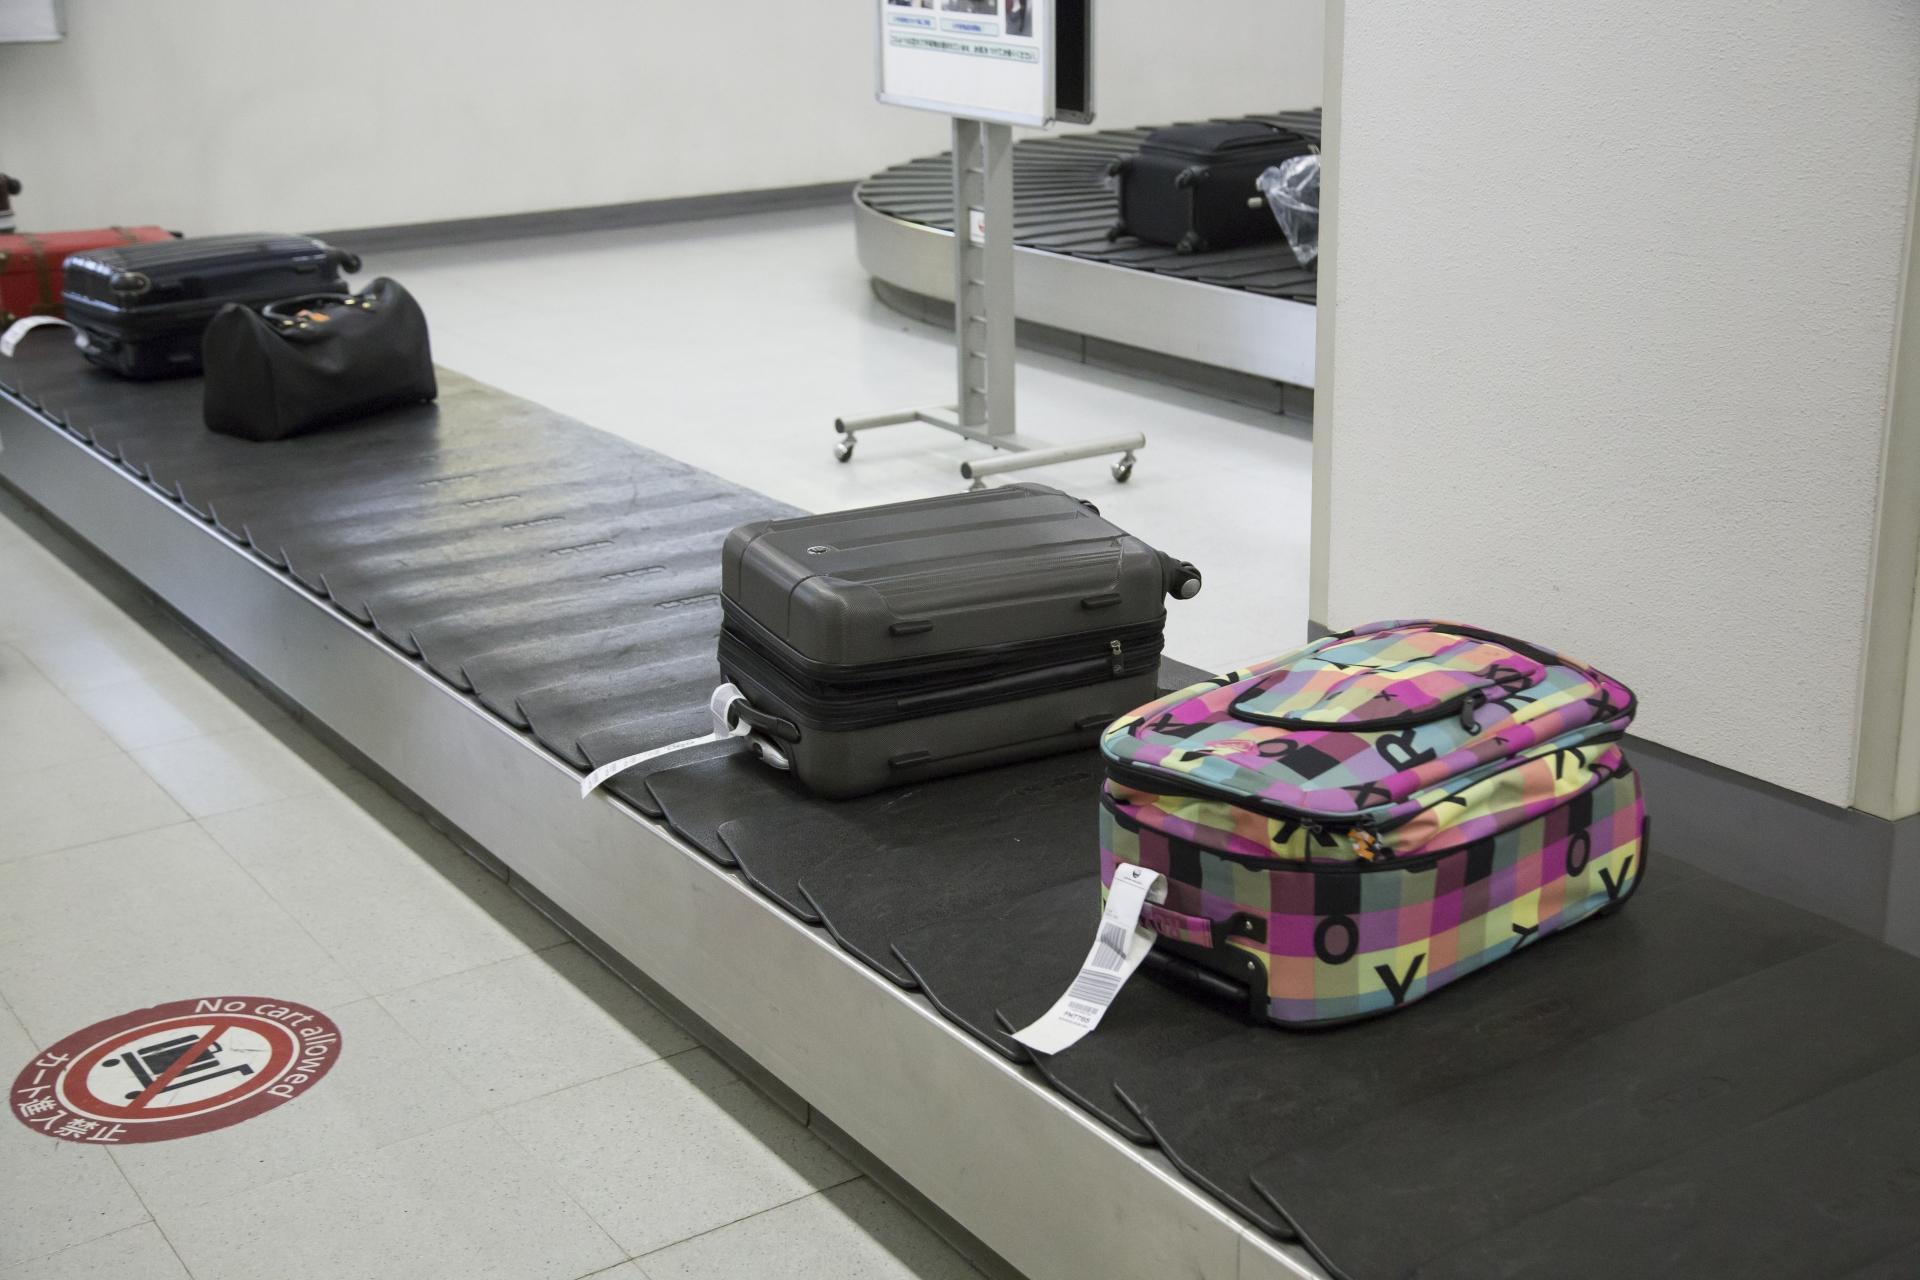 手荷物 ソラシドエア ANAやJALと違う?ソラシドエアの受託手荷物の制限まとめ